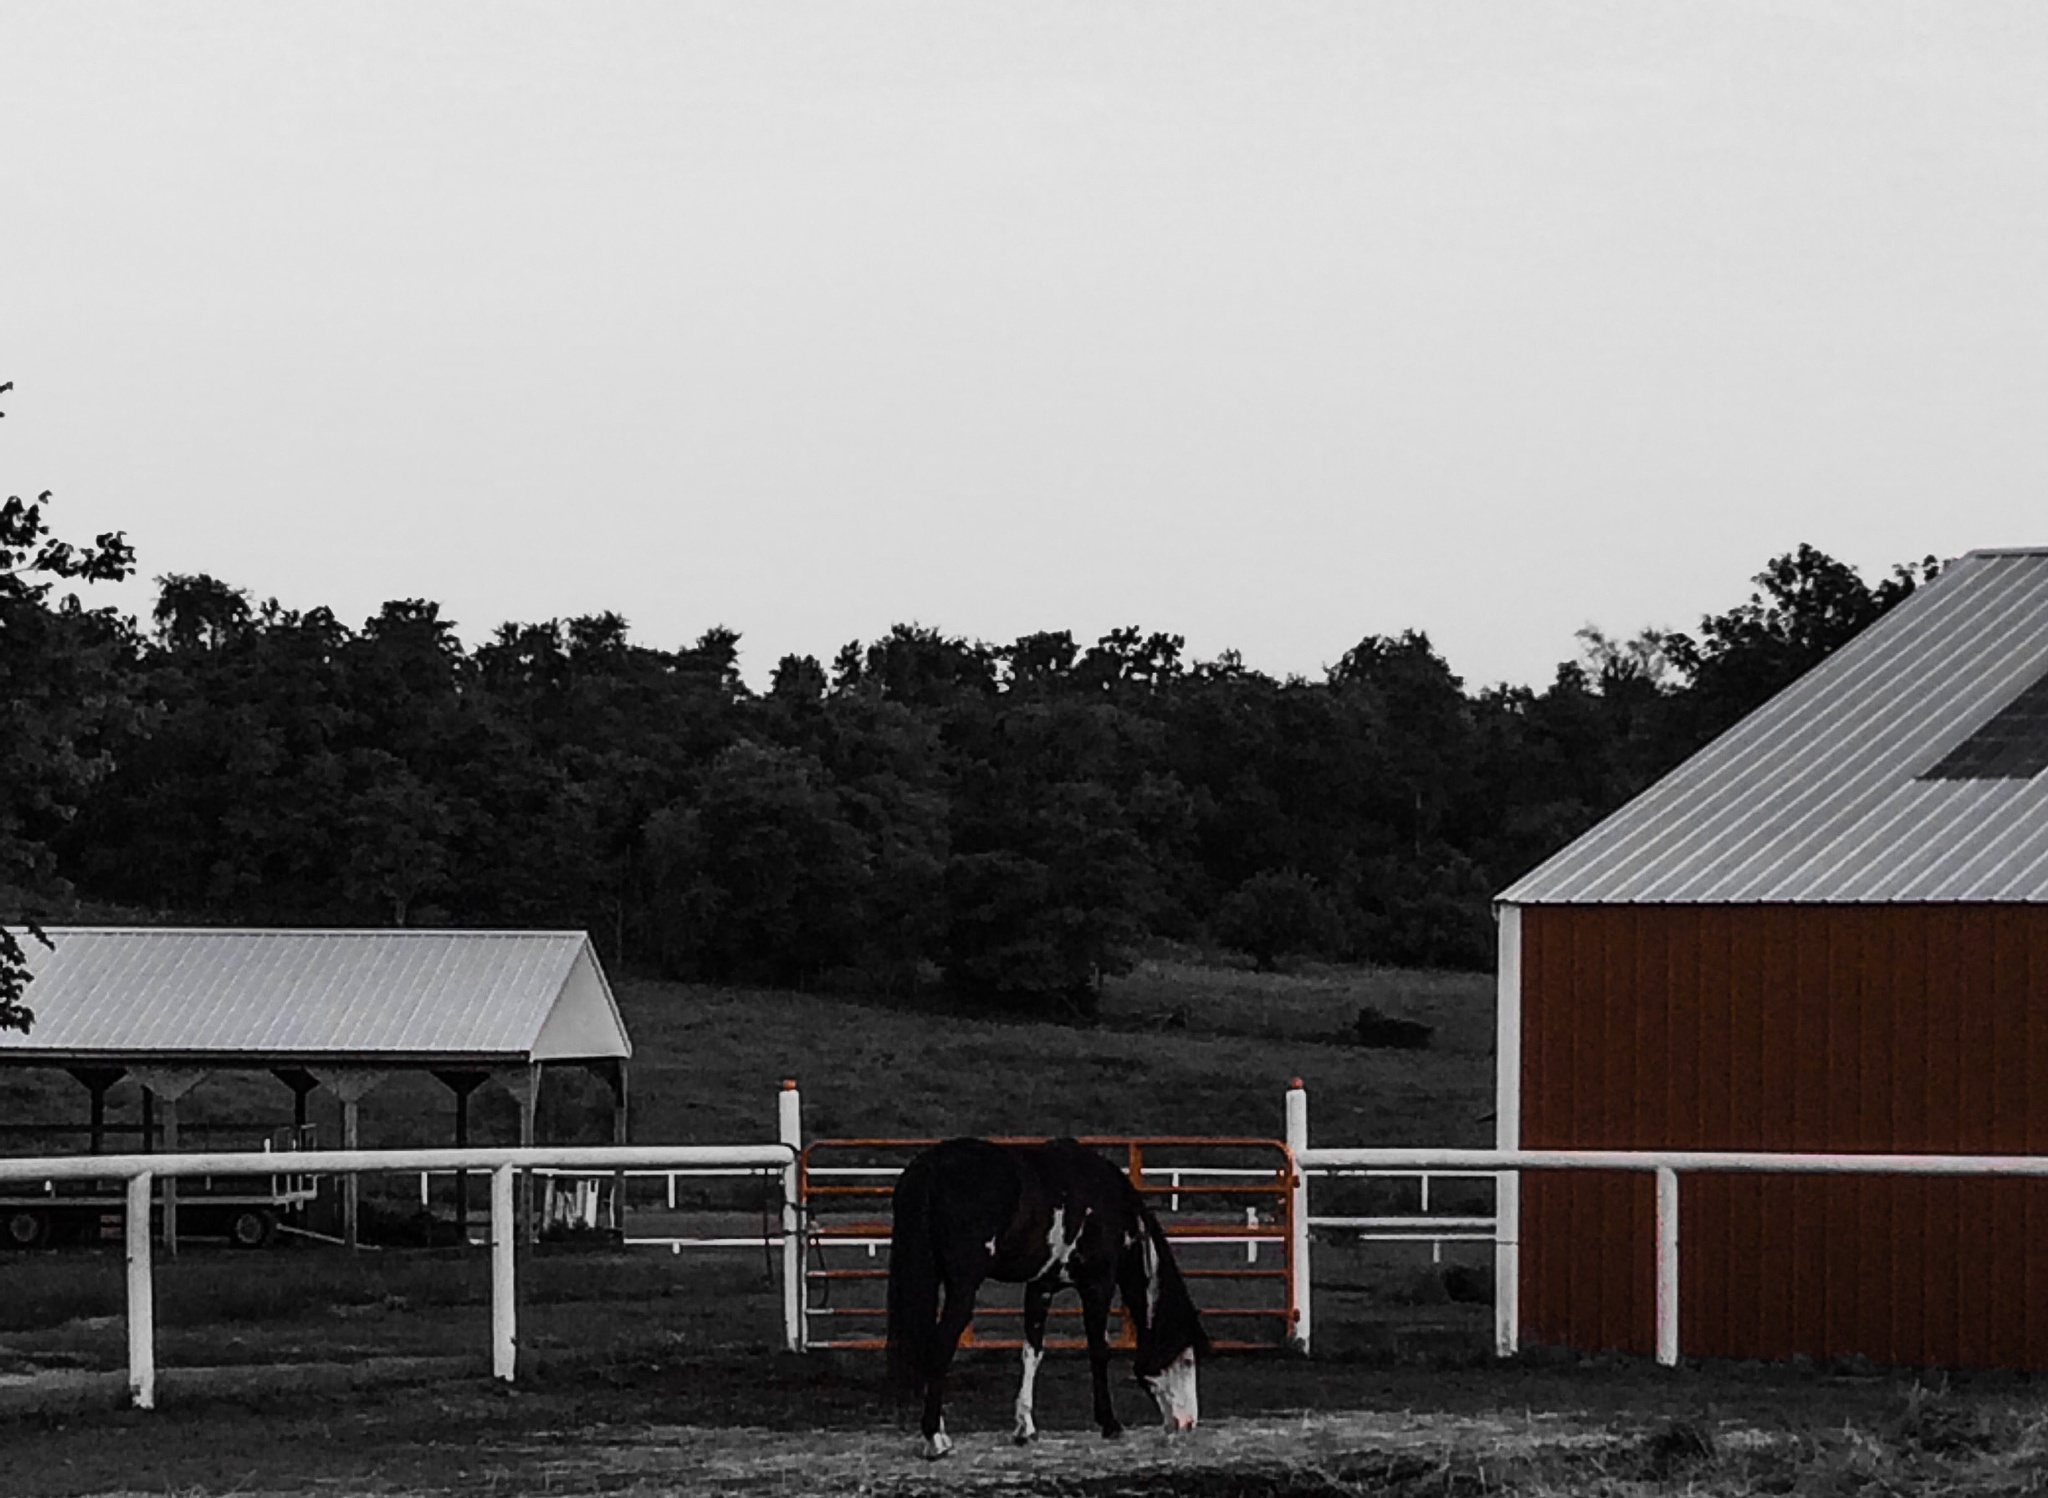 Horse farm by horses1